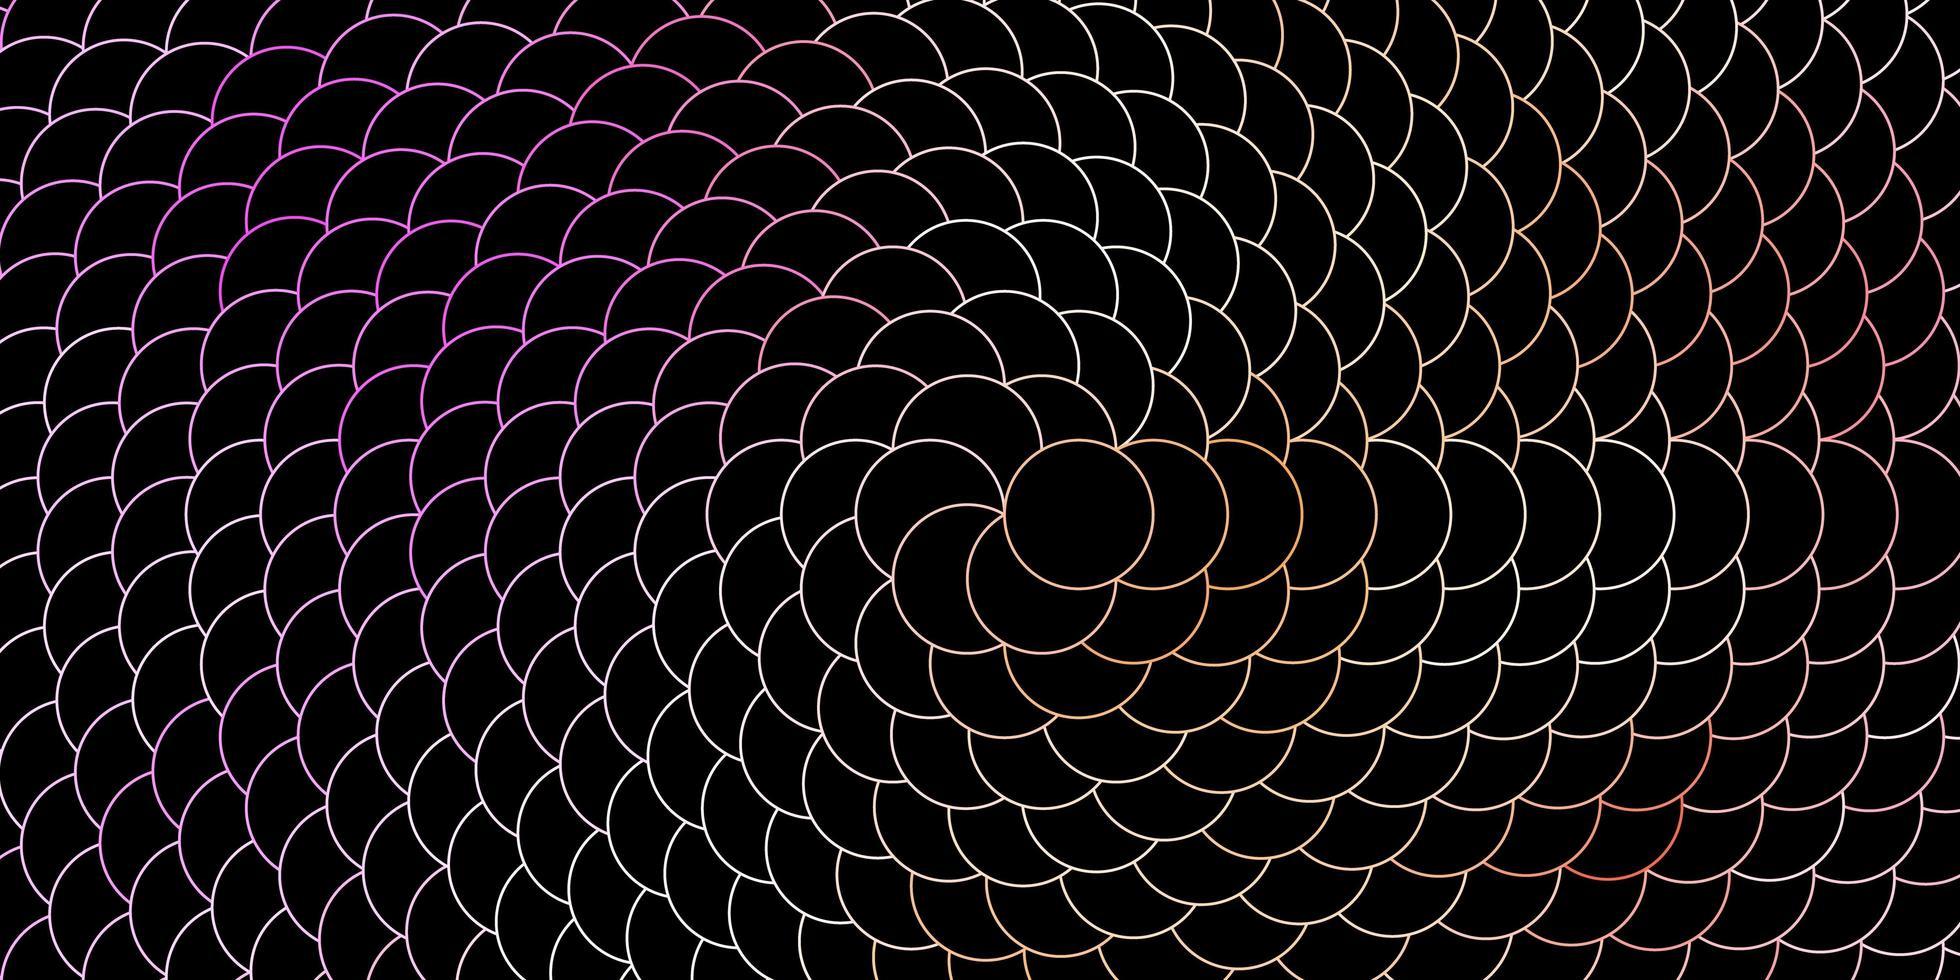 mörkrosa, gul vektorlayout med cirklar. vektor